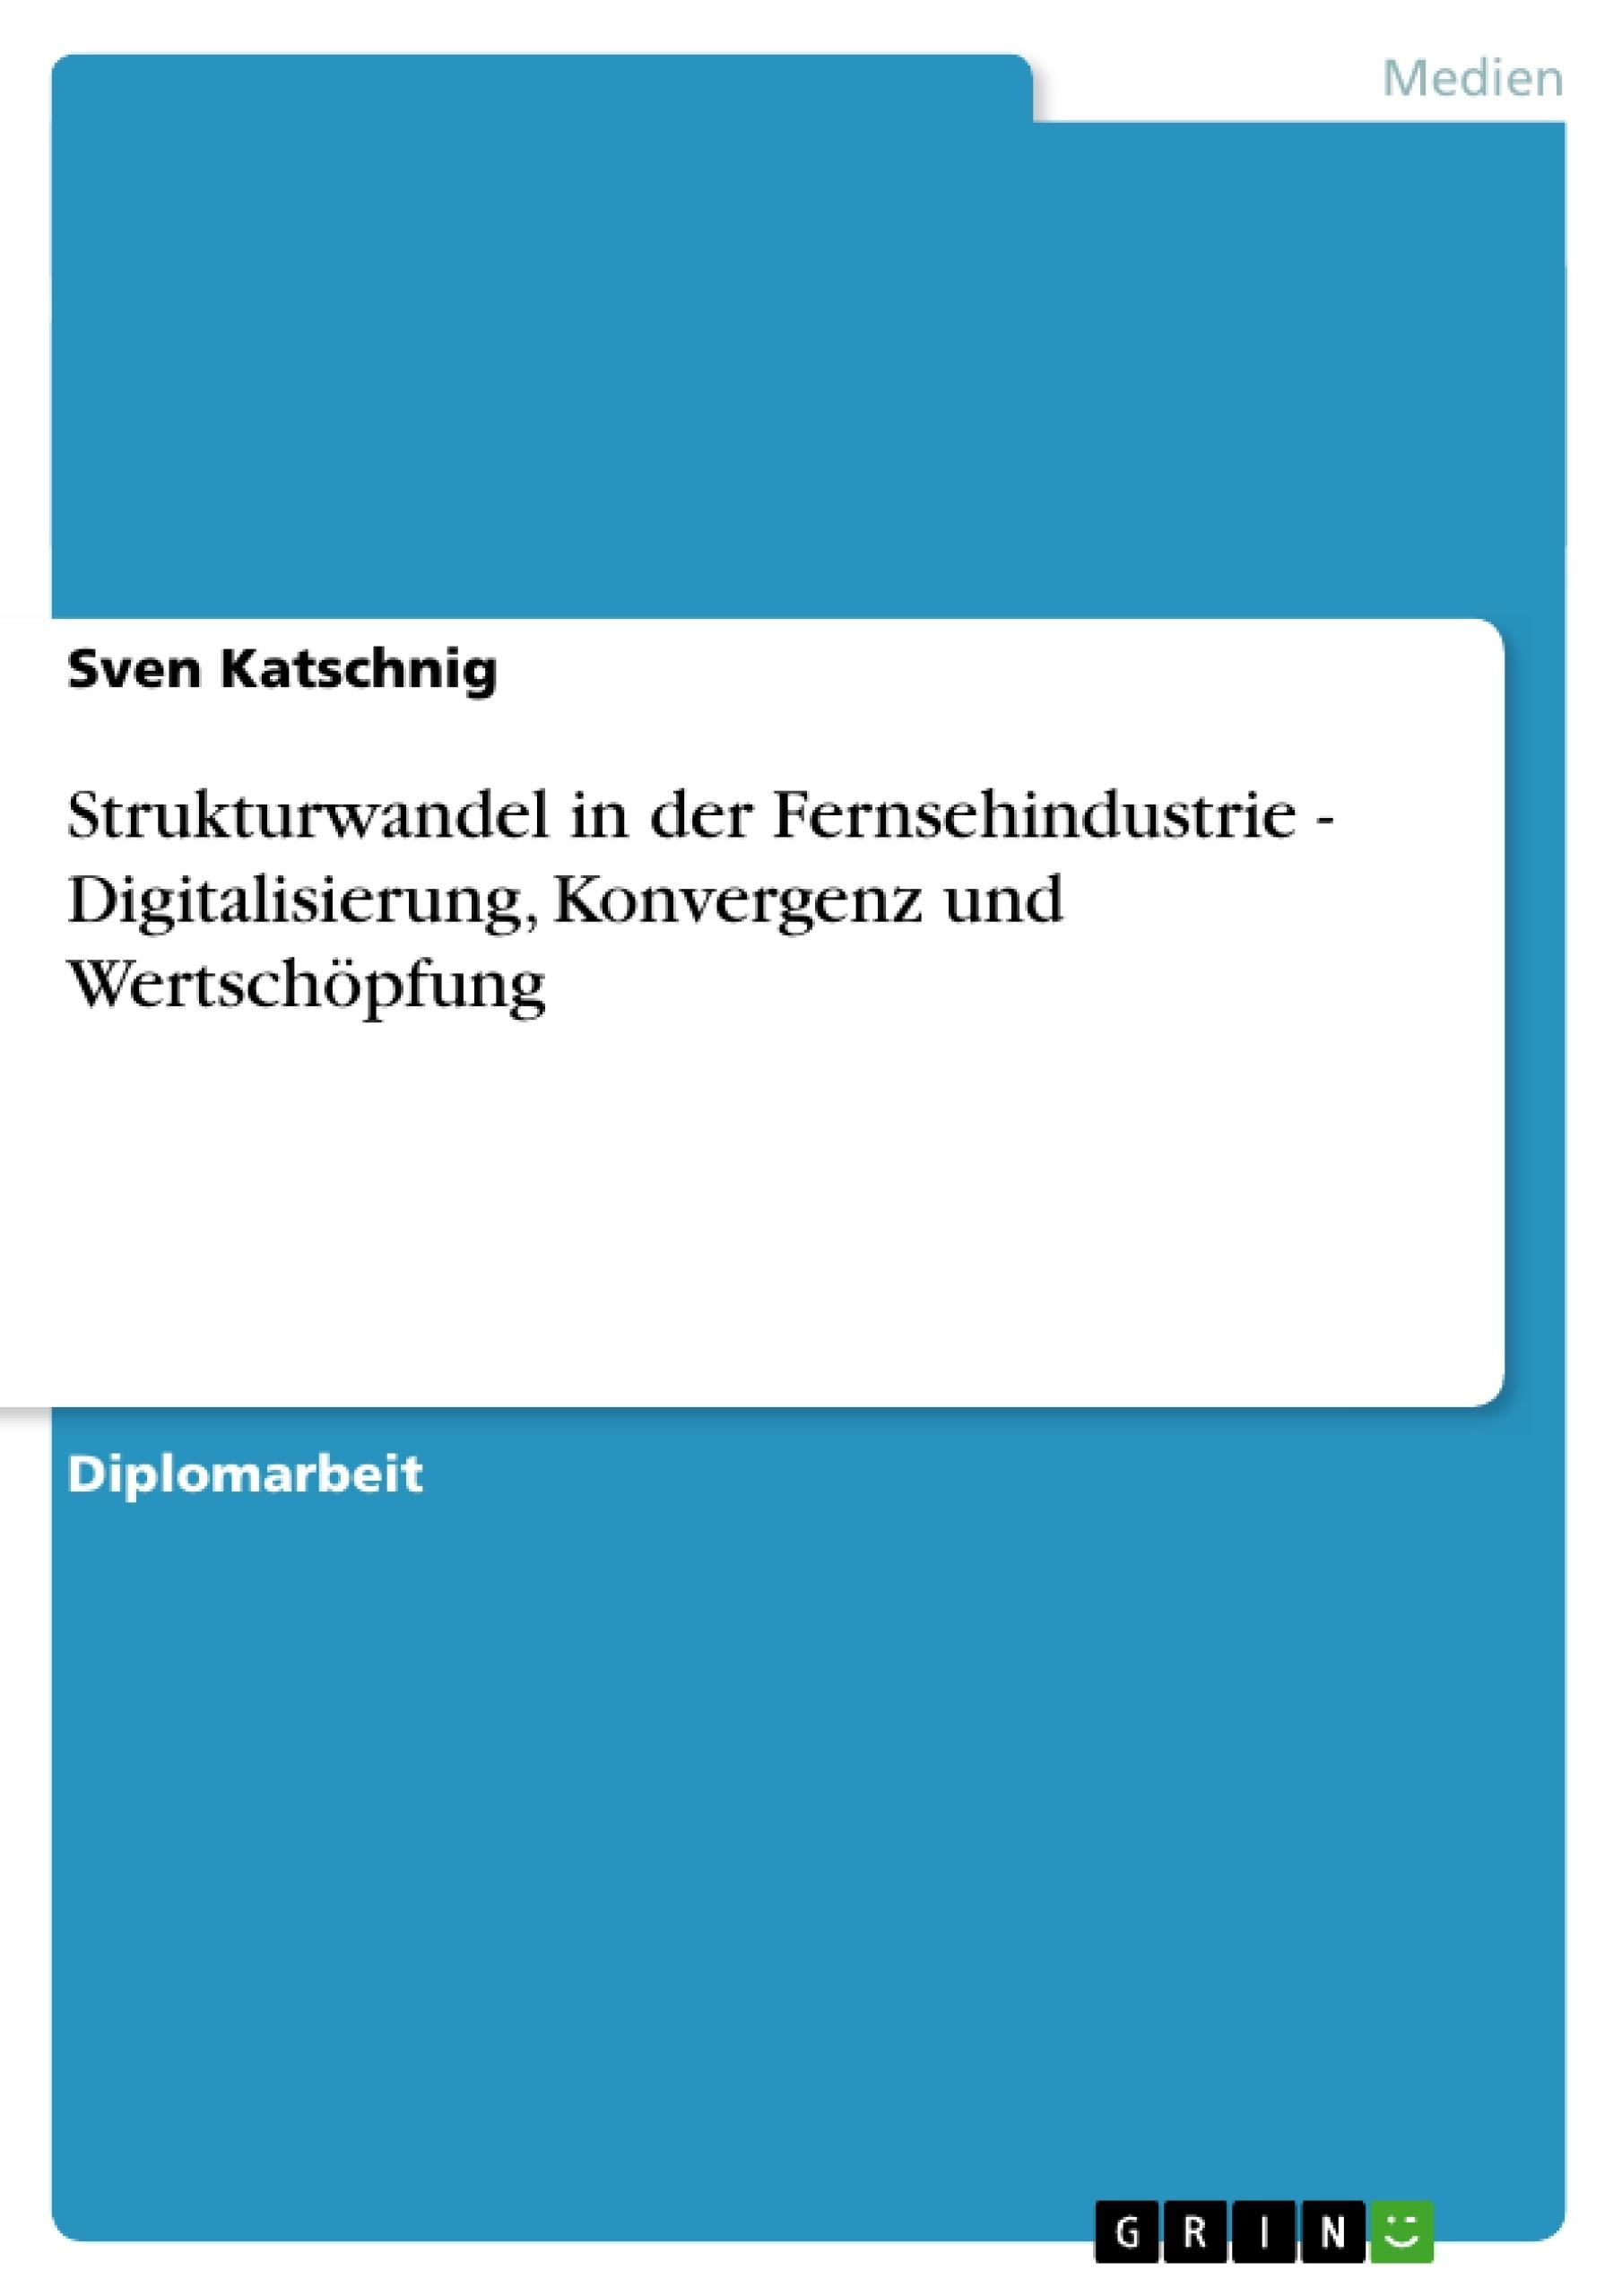 Titel: Strukturwandel in der Fernsehindustrie - Digitalisierung, Konvergenz und Wertschöpfung